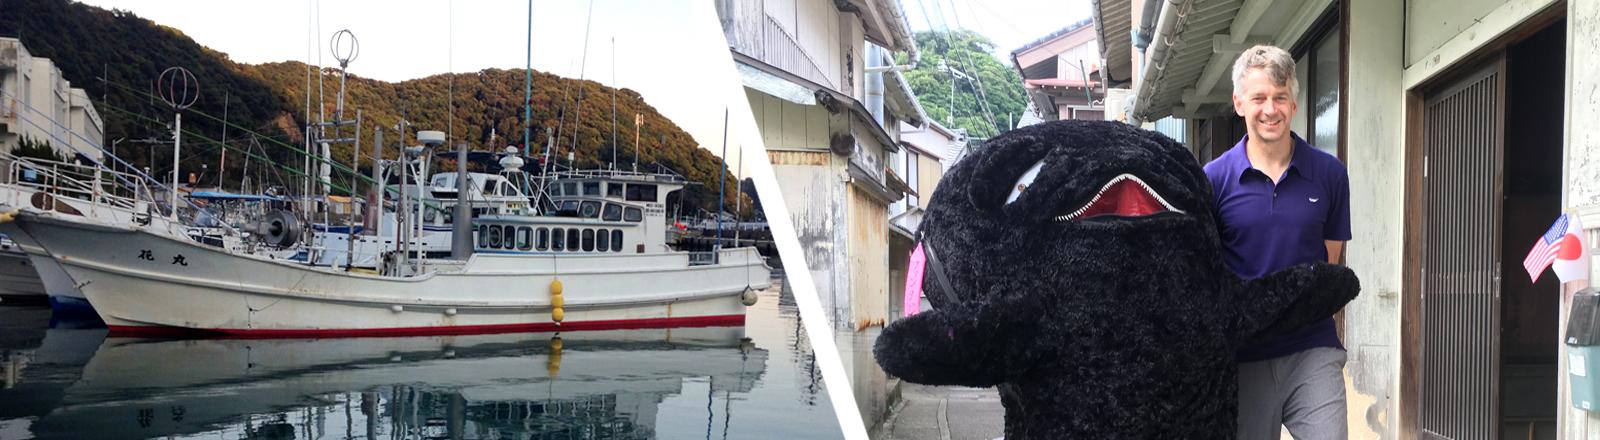 Collage: Schiff in Taiji, Jay Alabaster mit Wal-Maskottchen